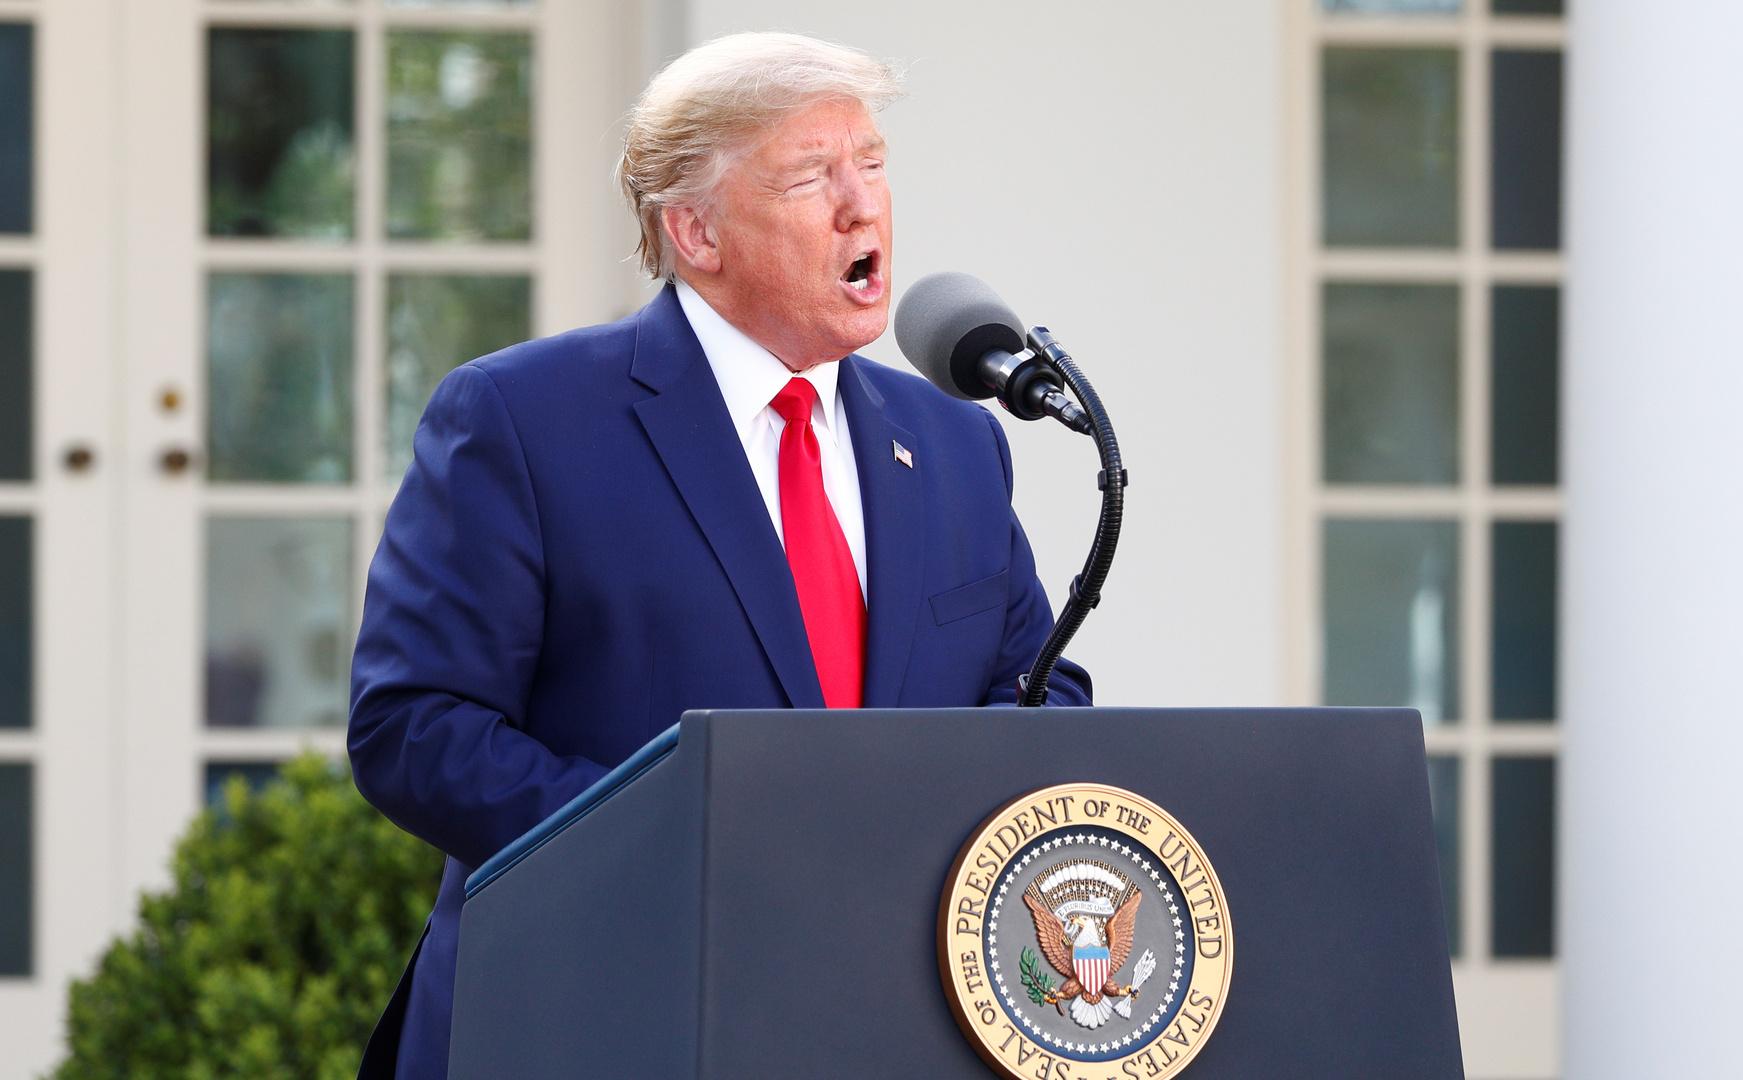 ترامب: تم فحص أكثر من مليون أمريكي للكشف عن كورونا